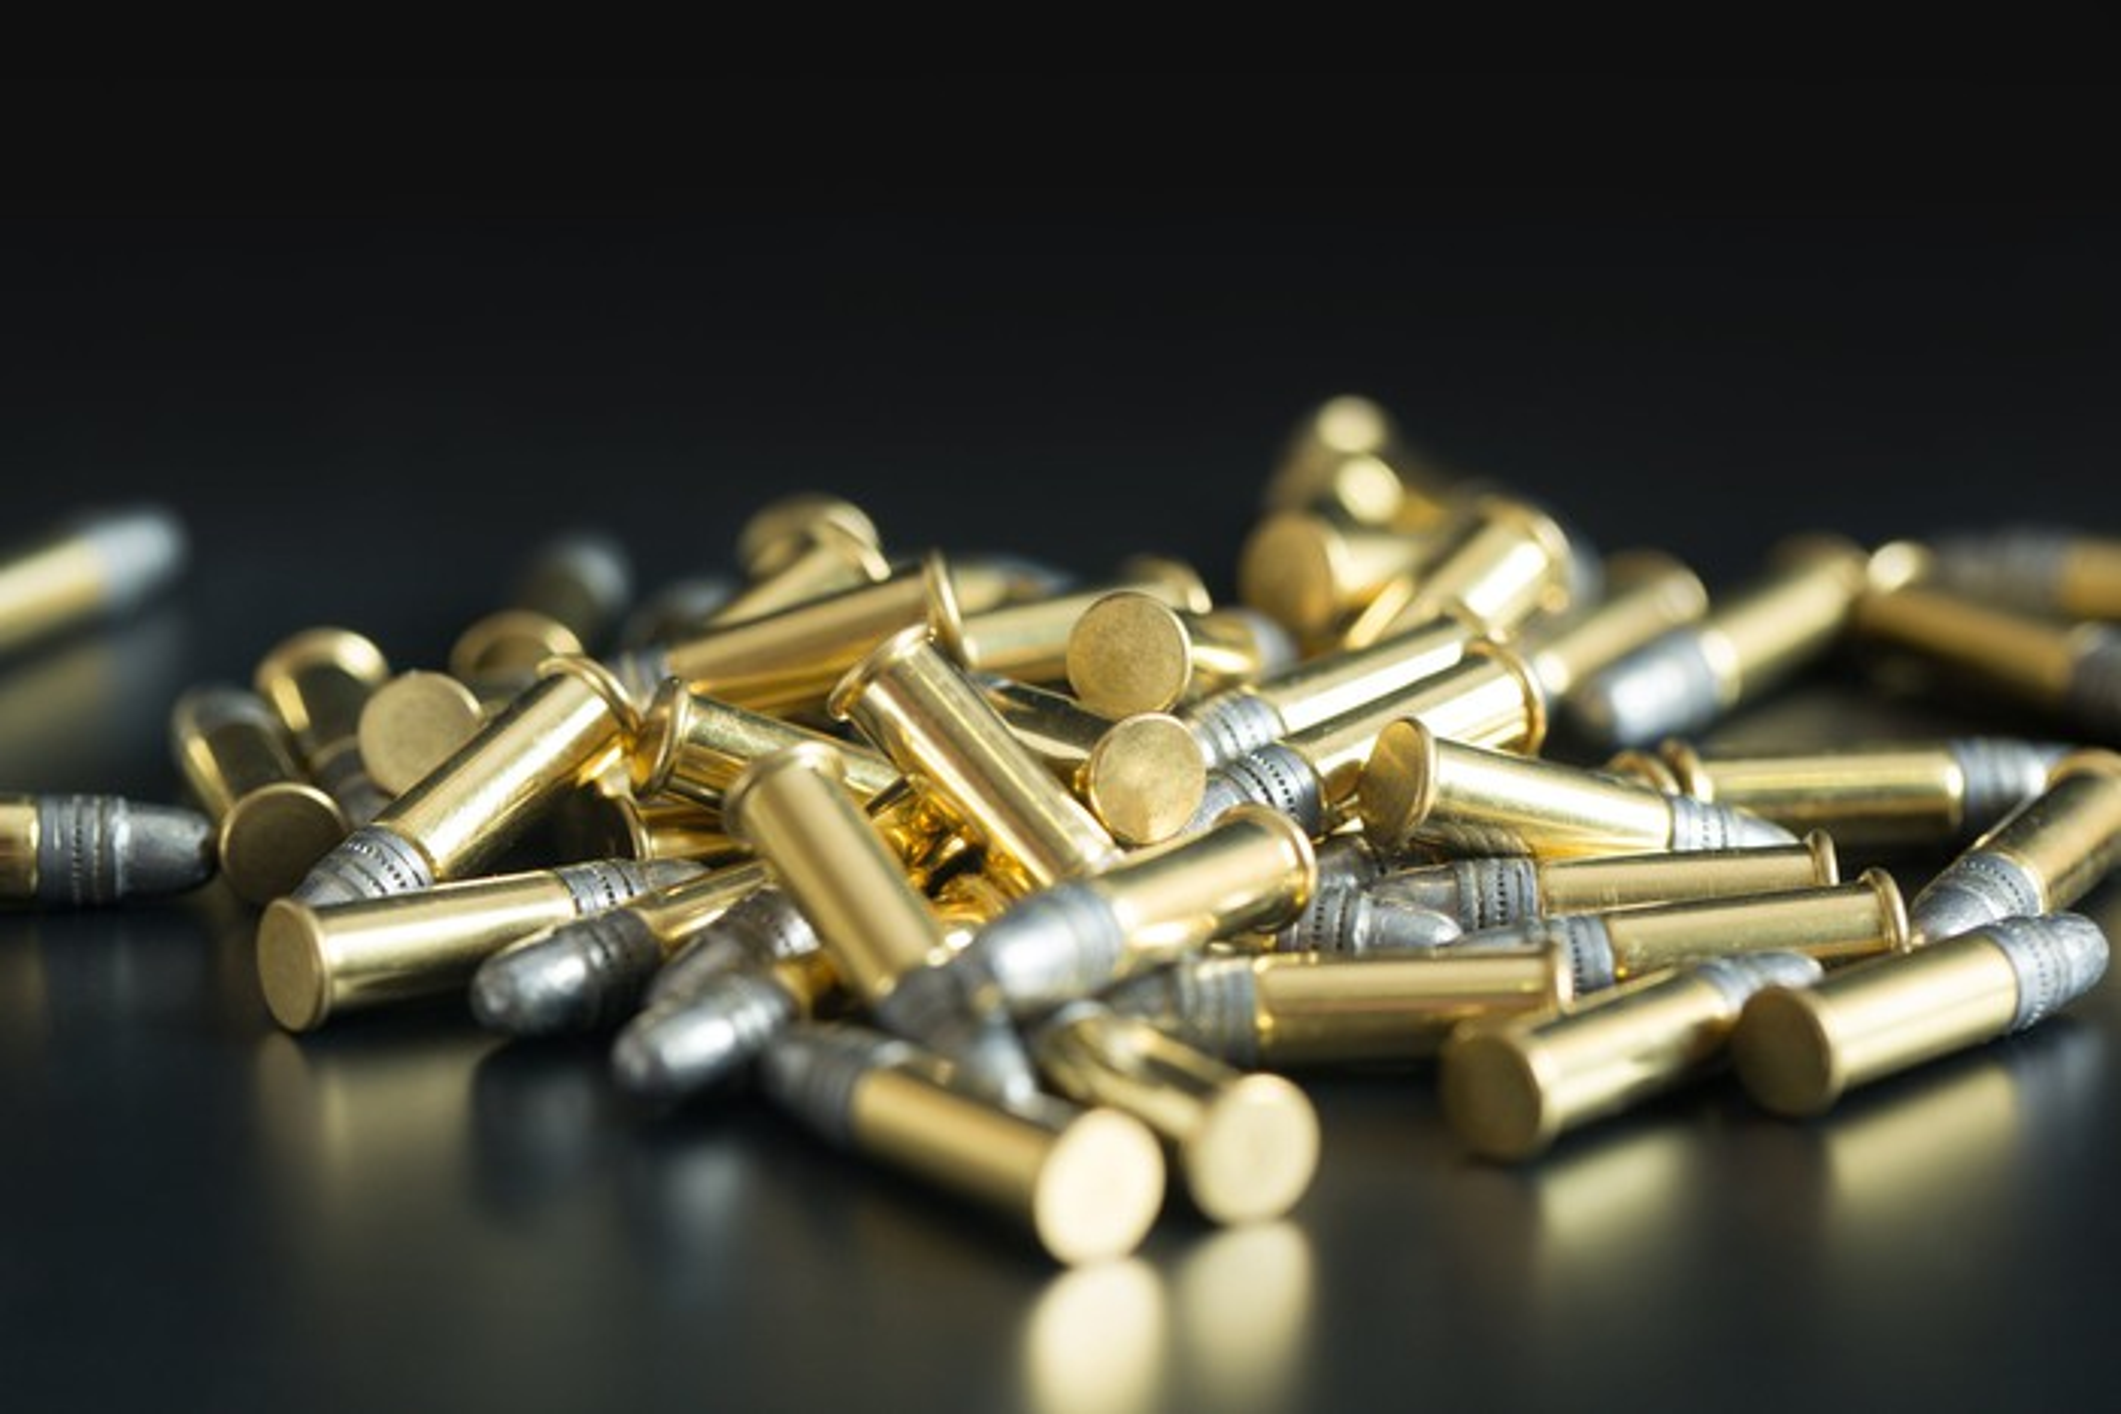 Pile of .22-caliber bullets on black background